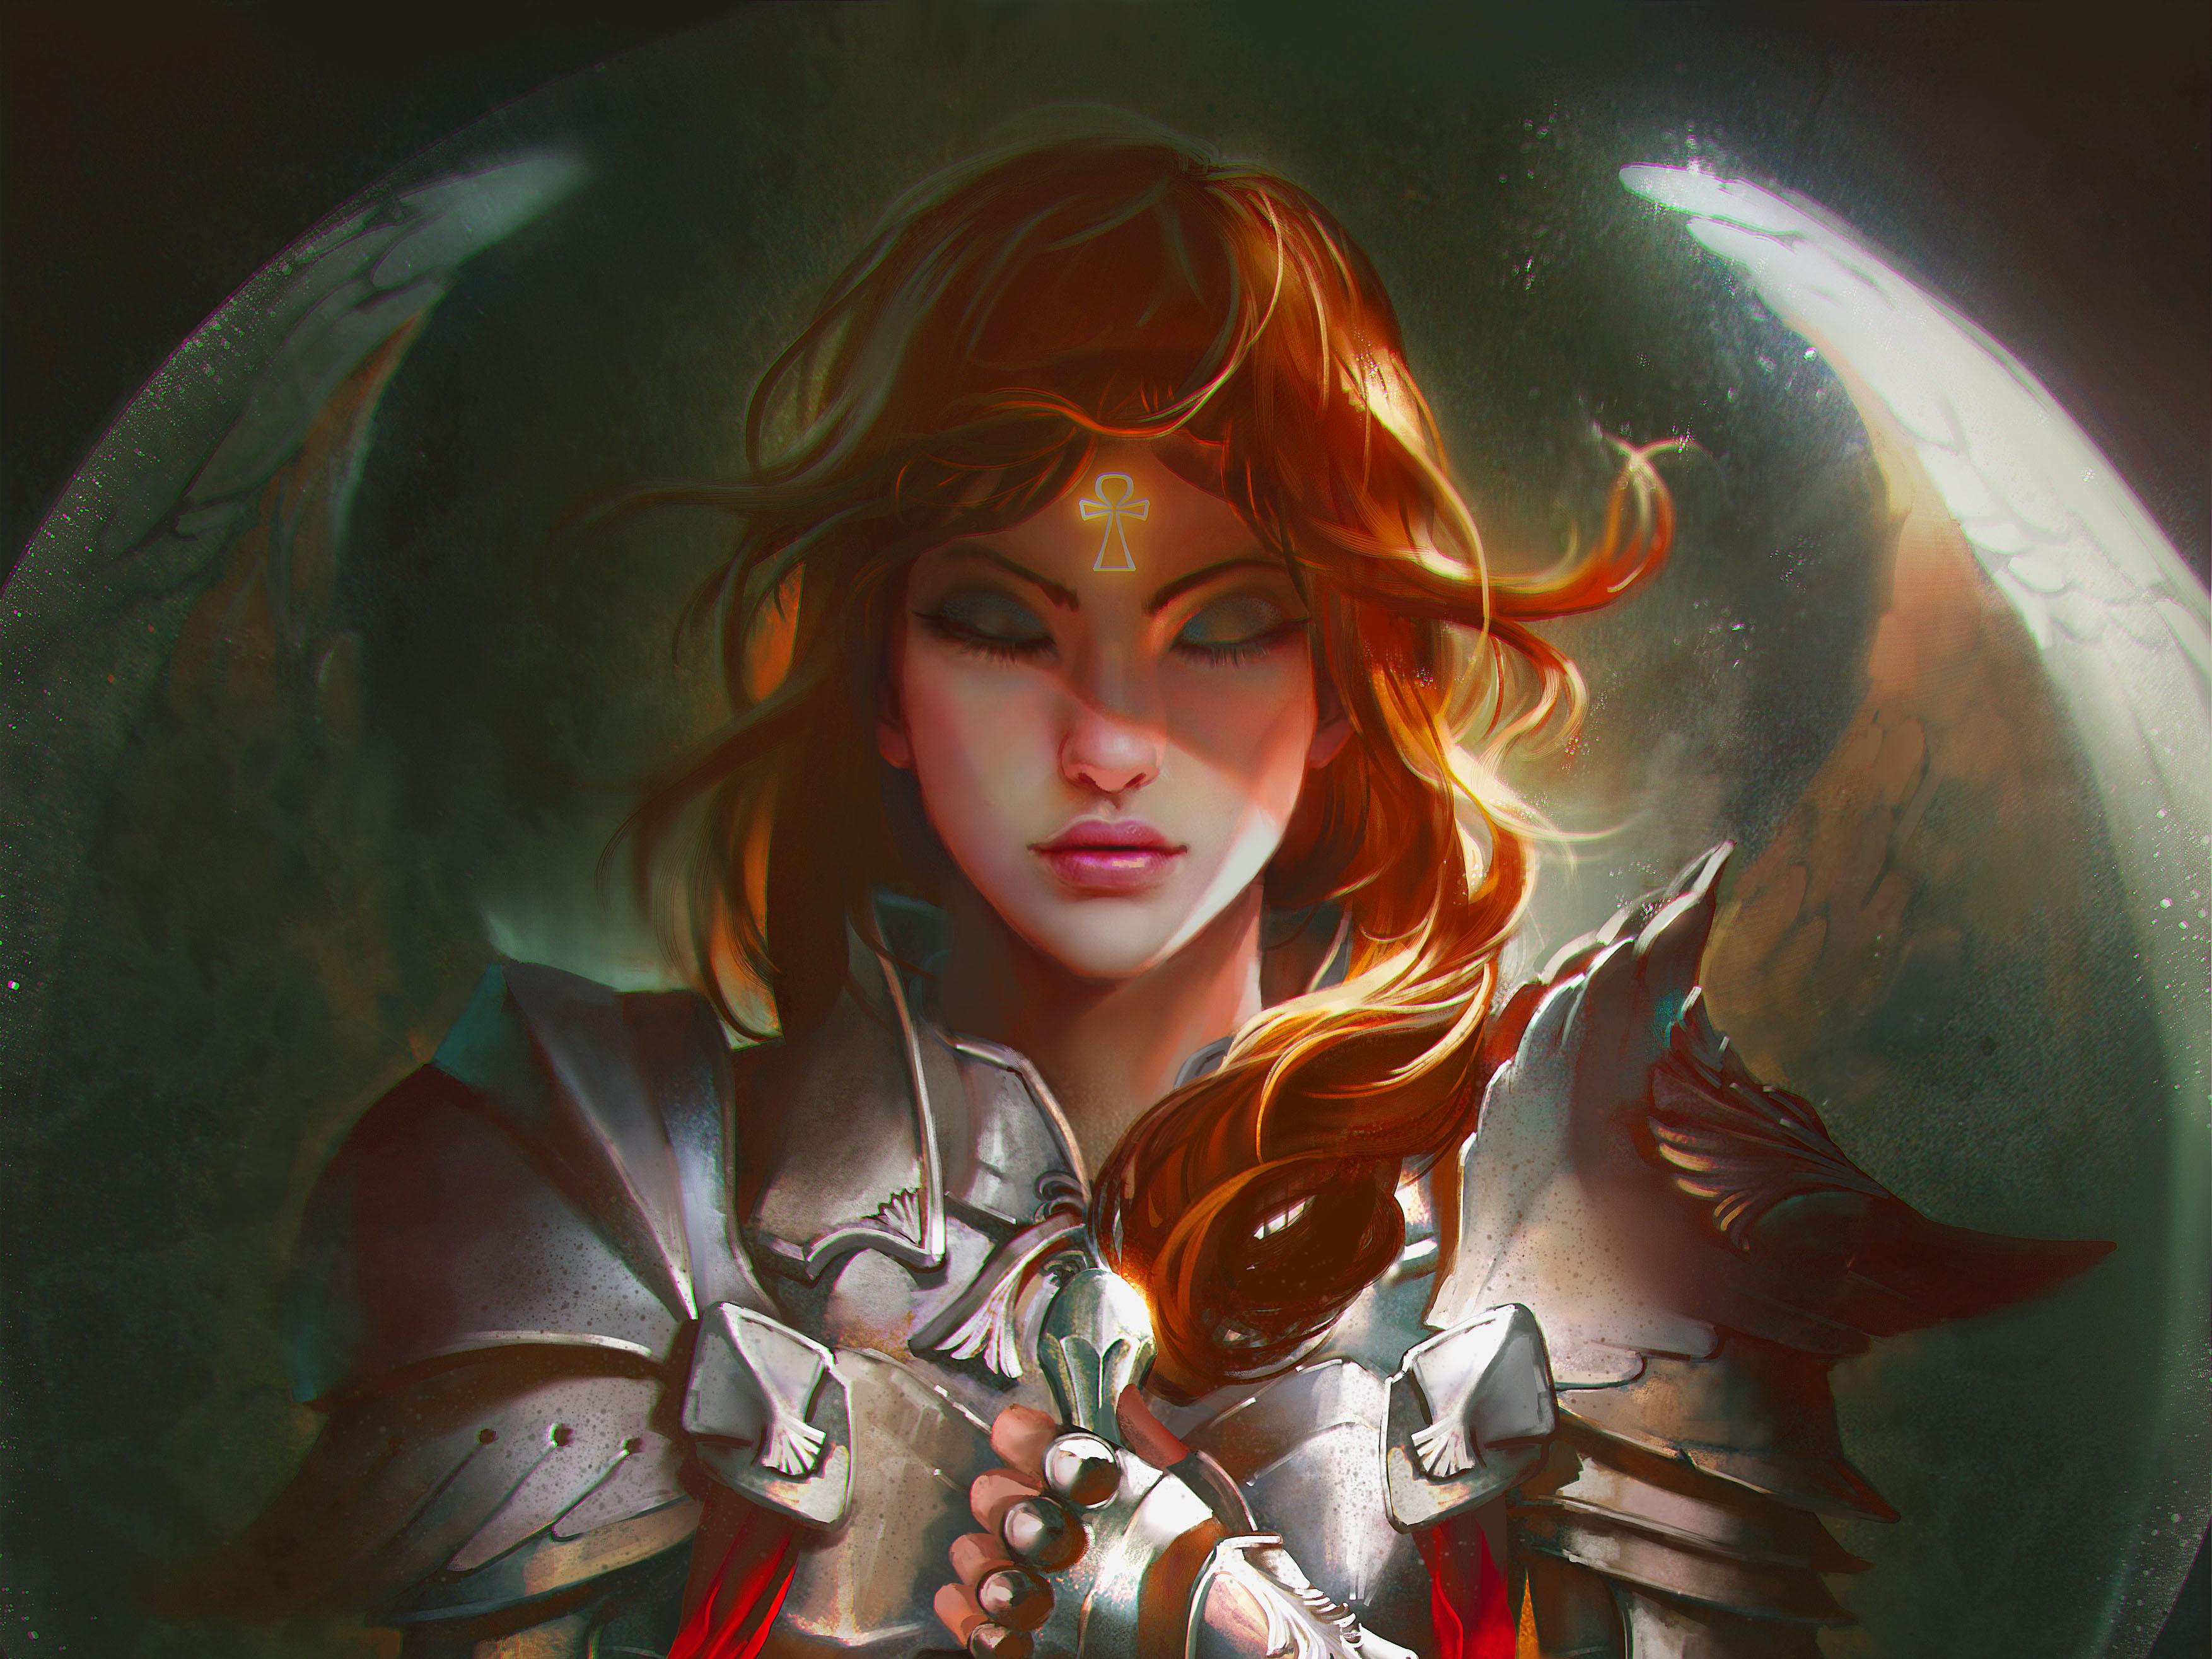 Fantasy Woman Warrior Girl Armor 3508x2631